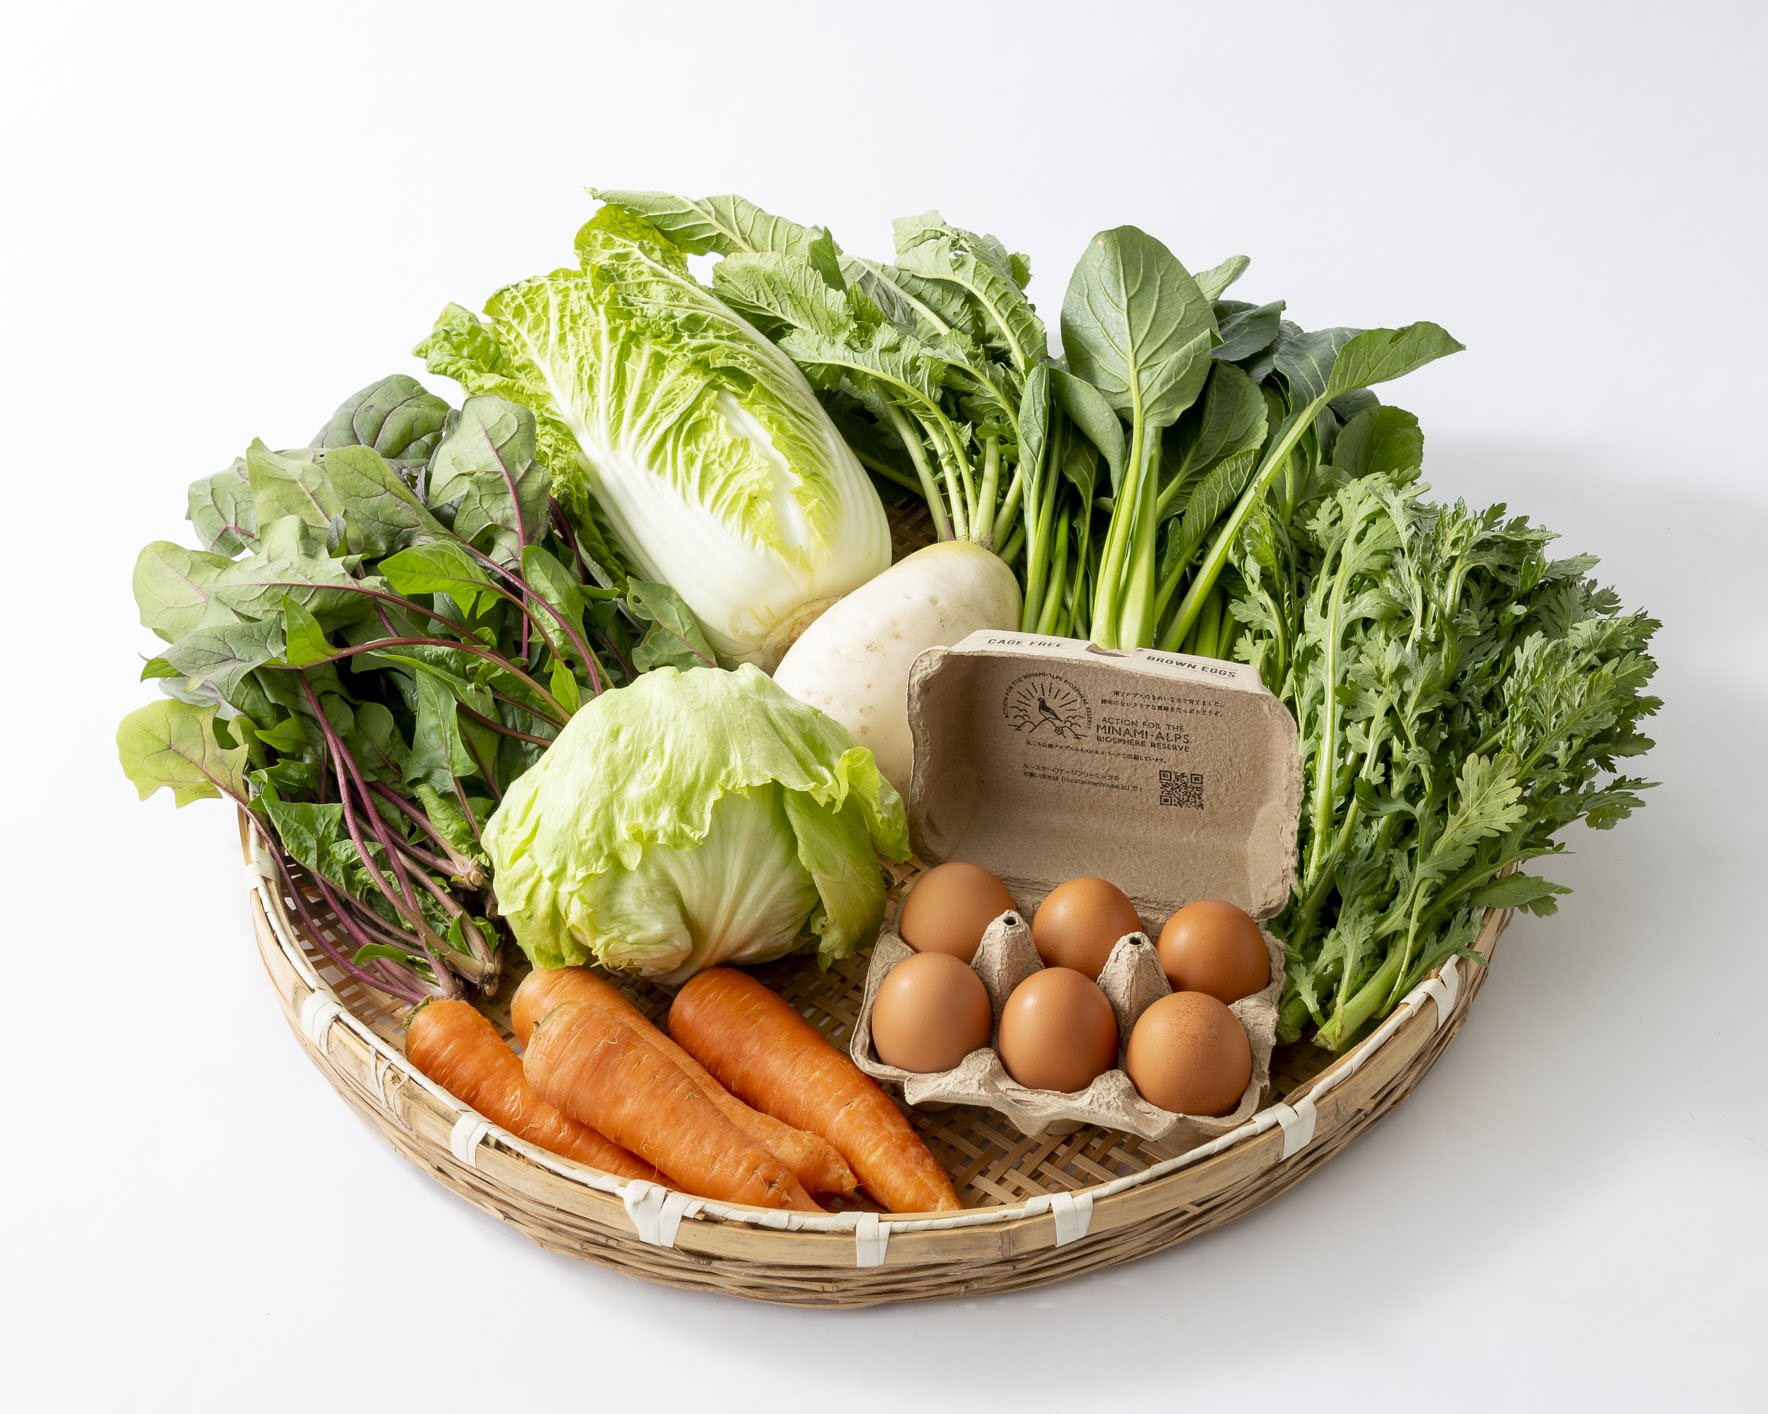 【初回限定】野菜たまごBOX「甲斐駒の恵み」おためしMセット